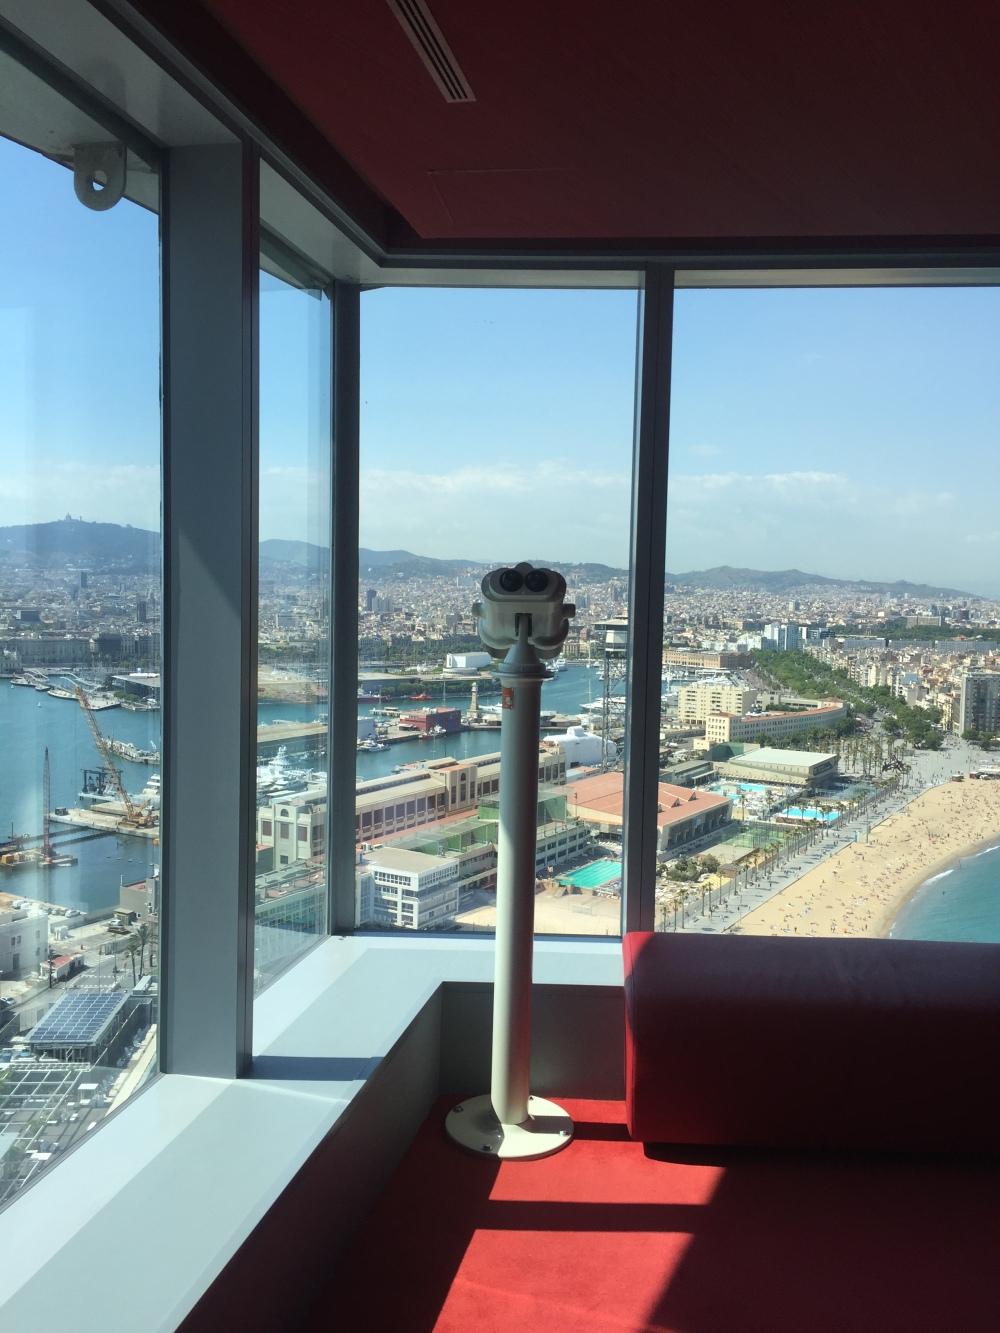 Dicas de hospedagens na Espanha, Barcelona